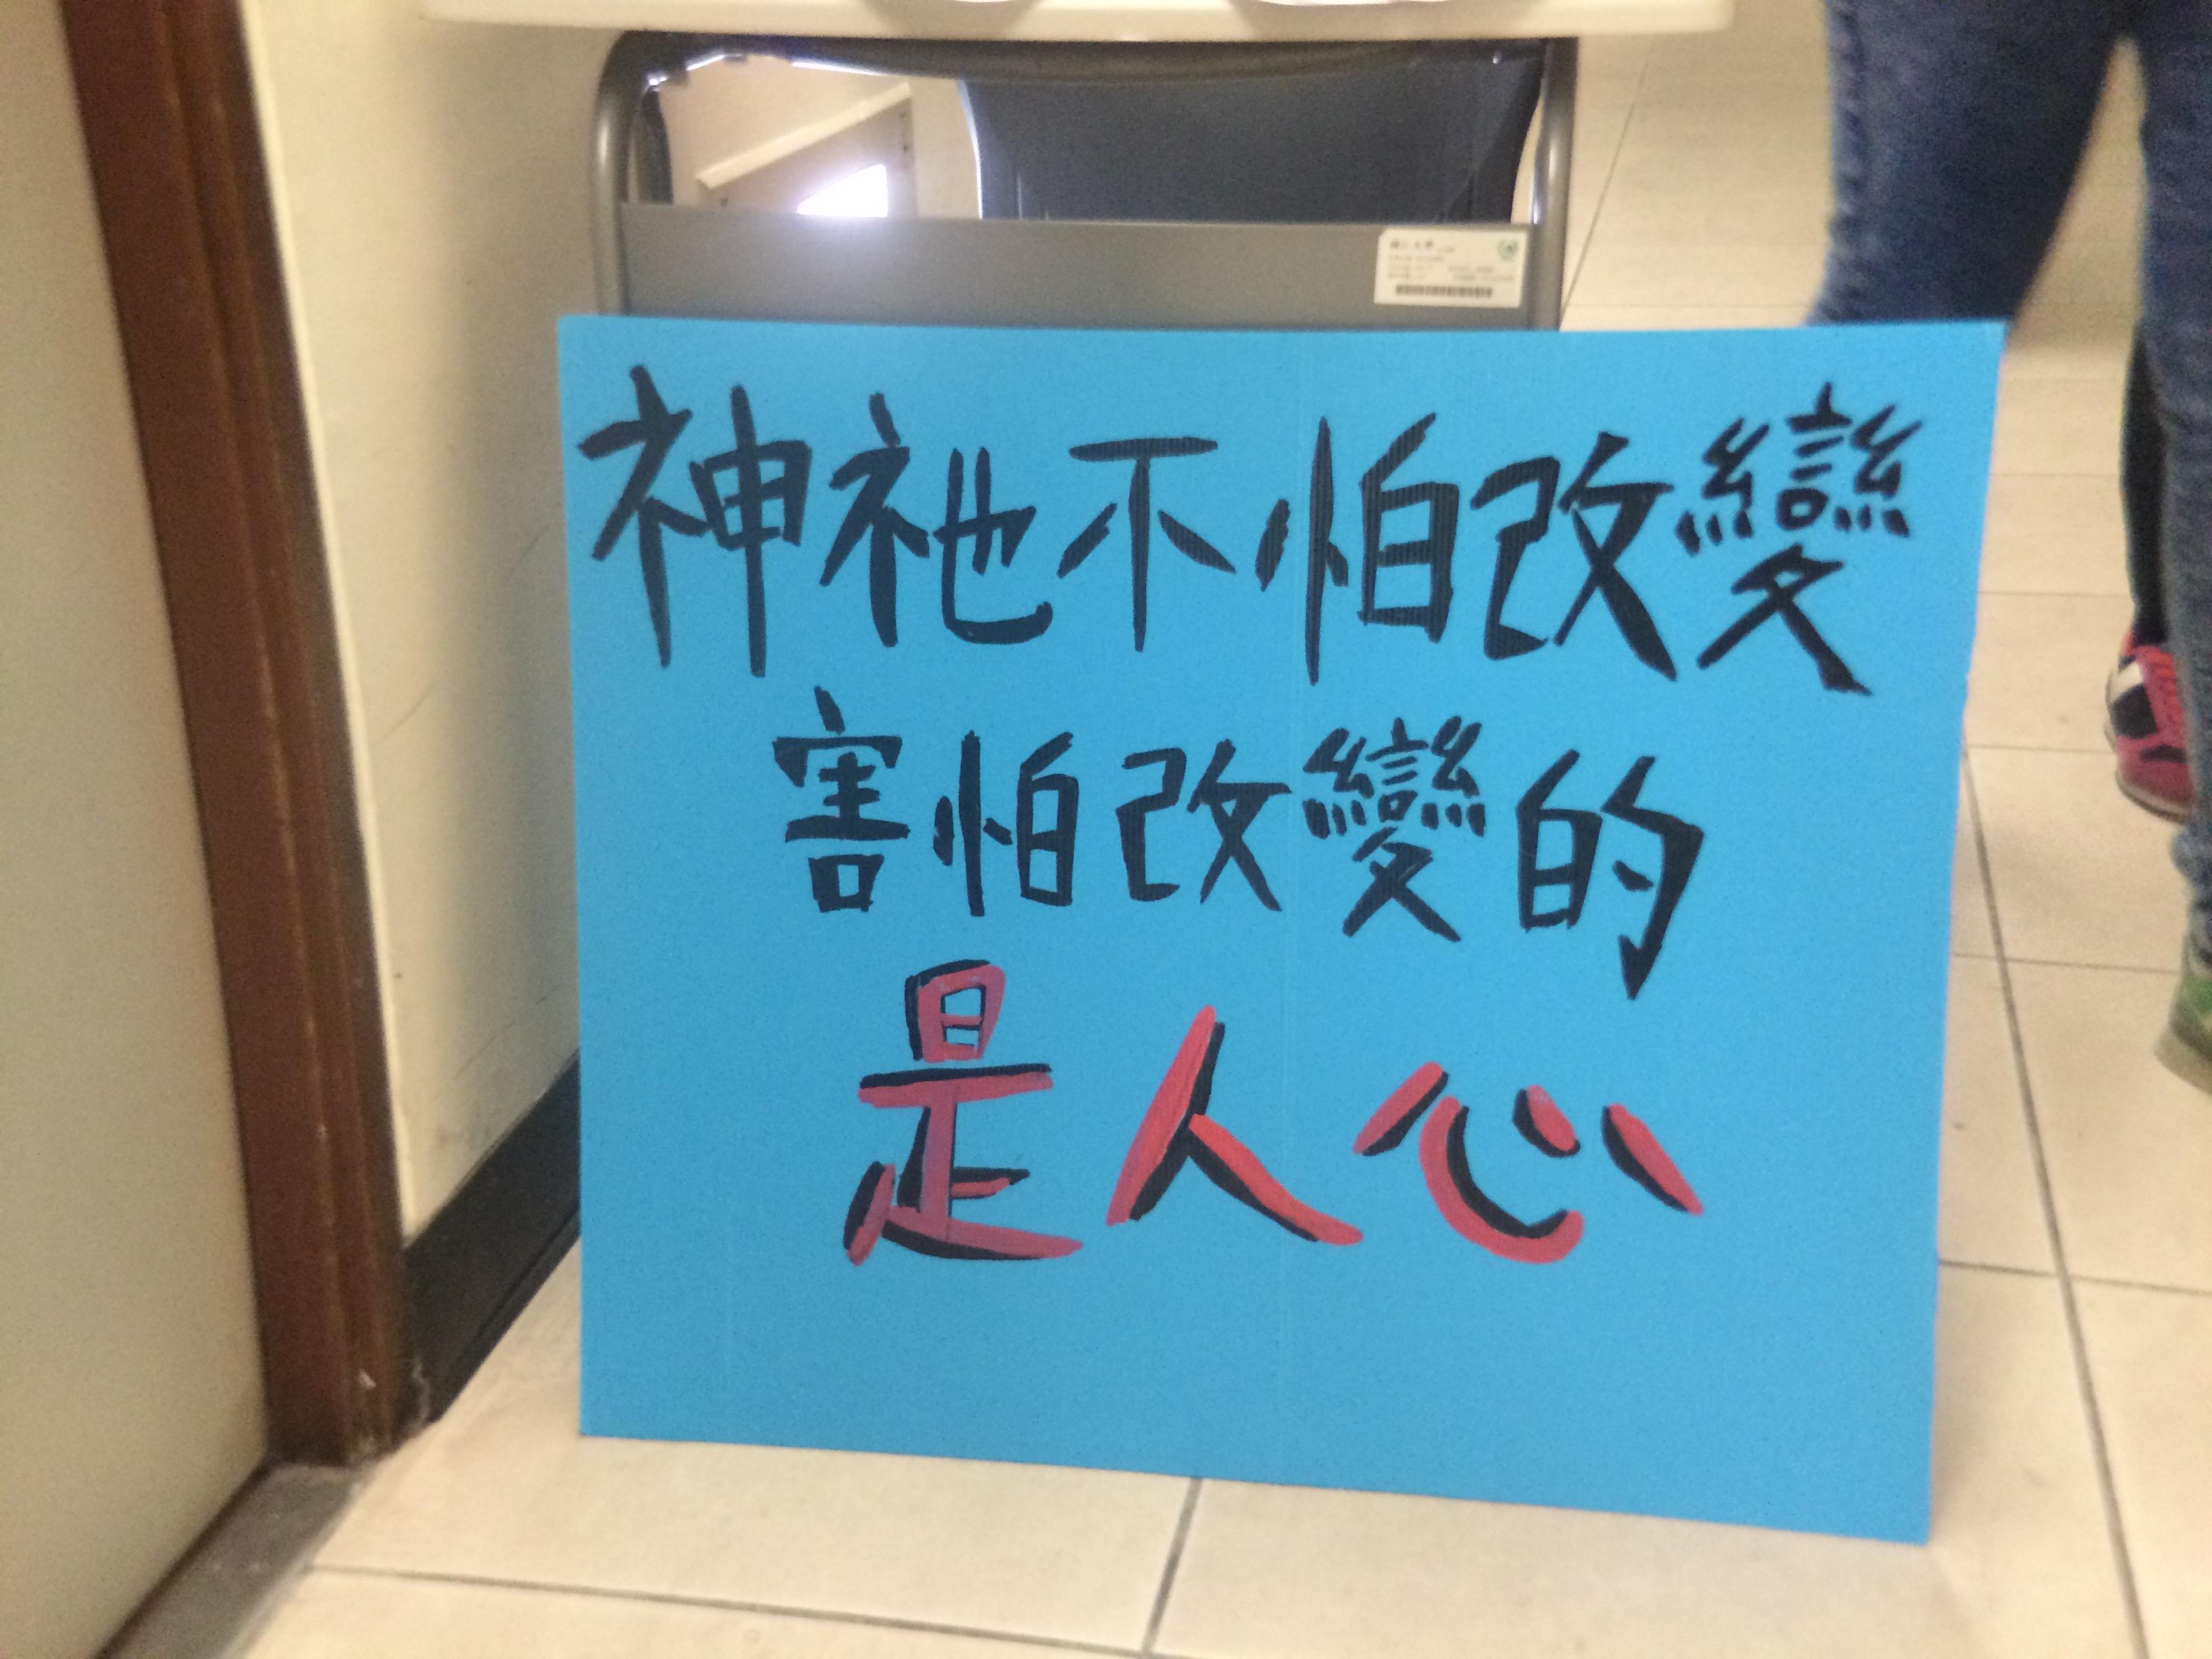 活動現場的標語(攝影:Nana)